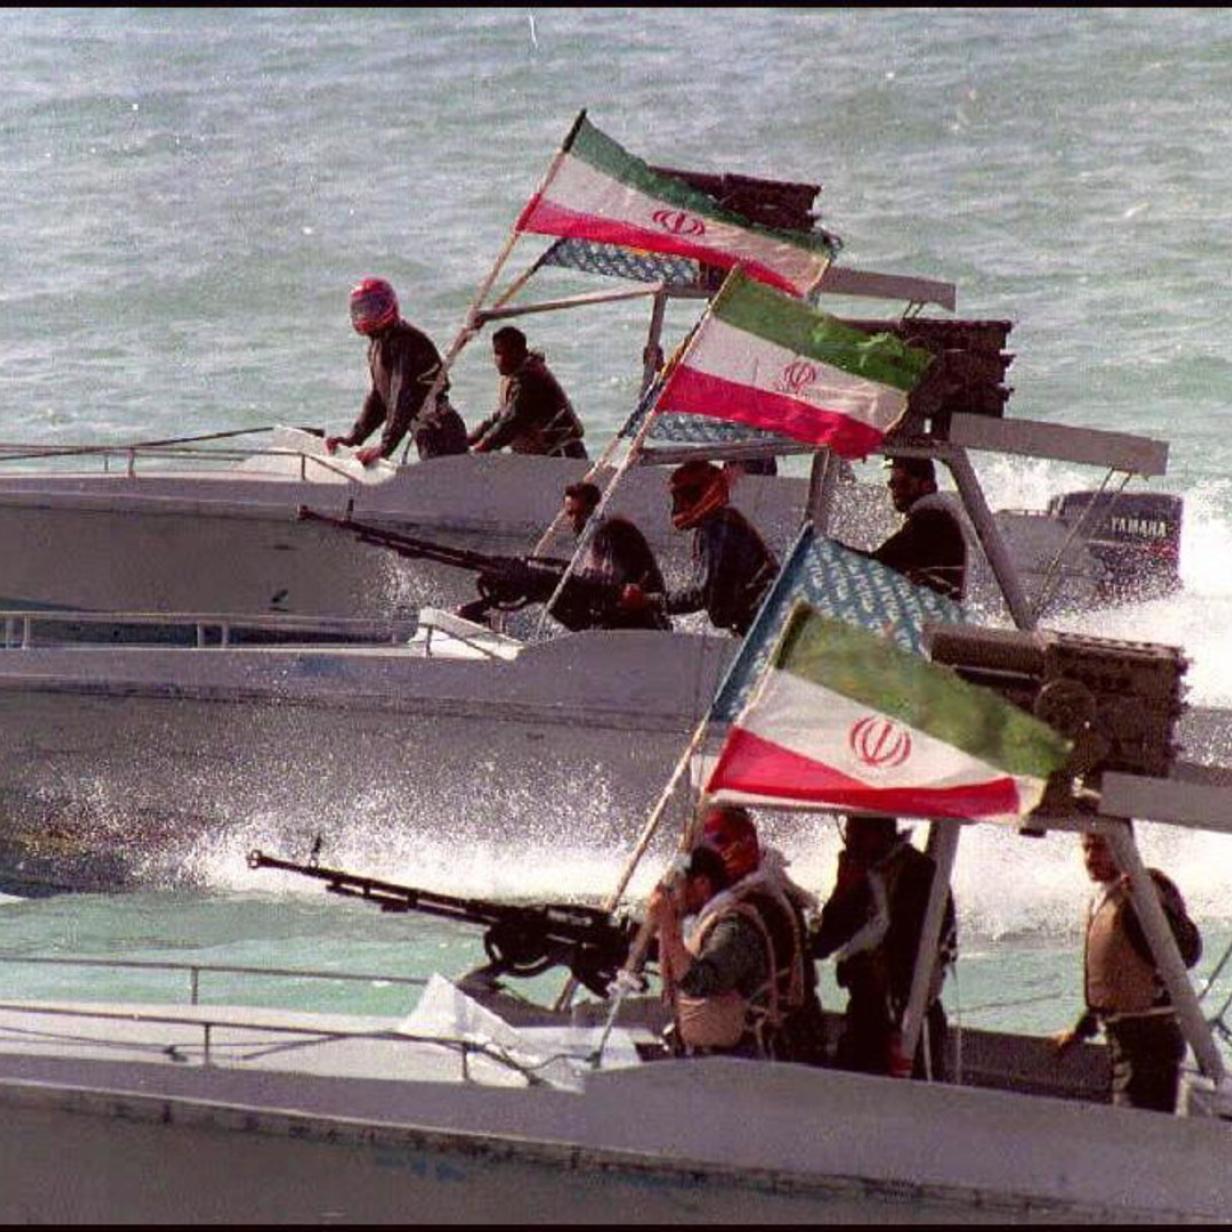 Spannungen am Golf steigen weiter: Iran setzte Öltanker fest